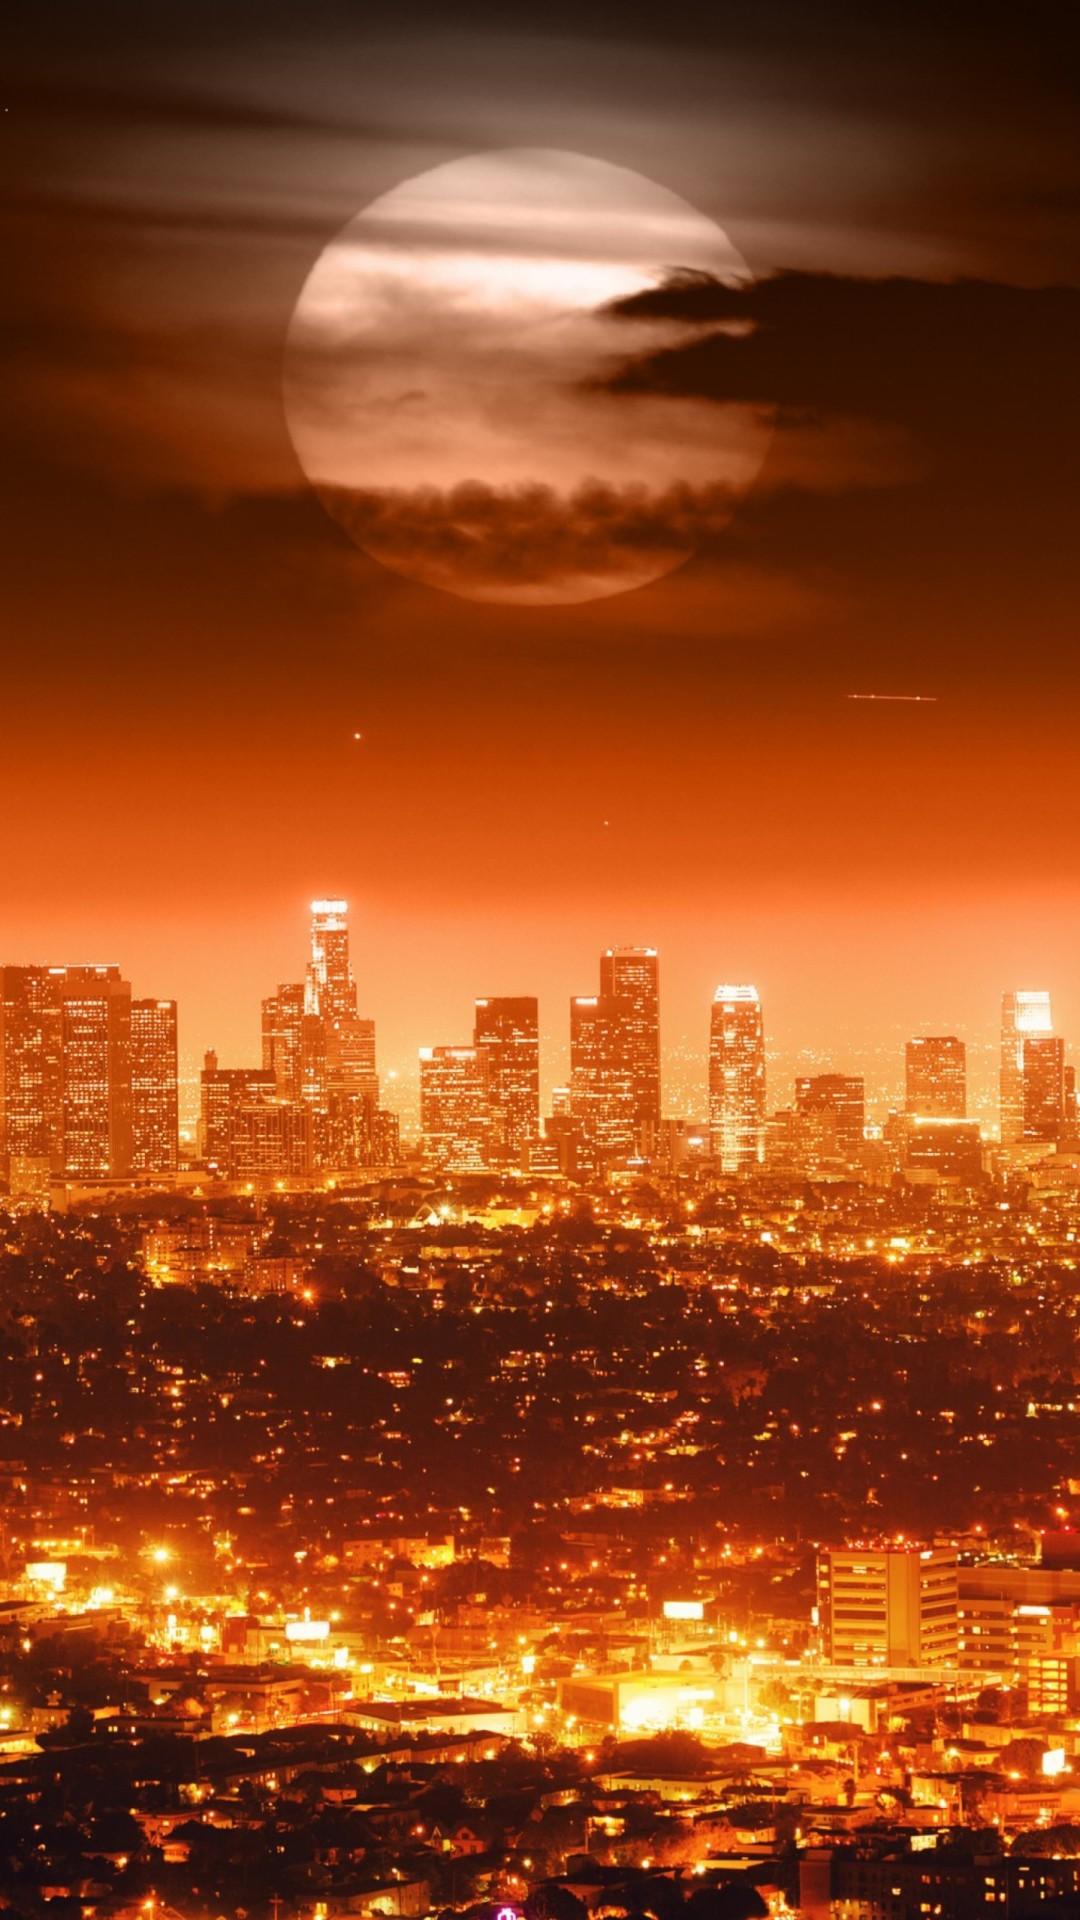 美しい夜のロサンゼルス ロサンゼルスの携帯電話の壁紙 1080x19 Wallpapertip